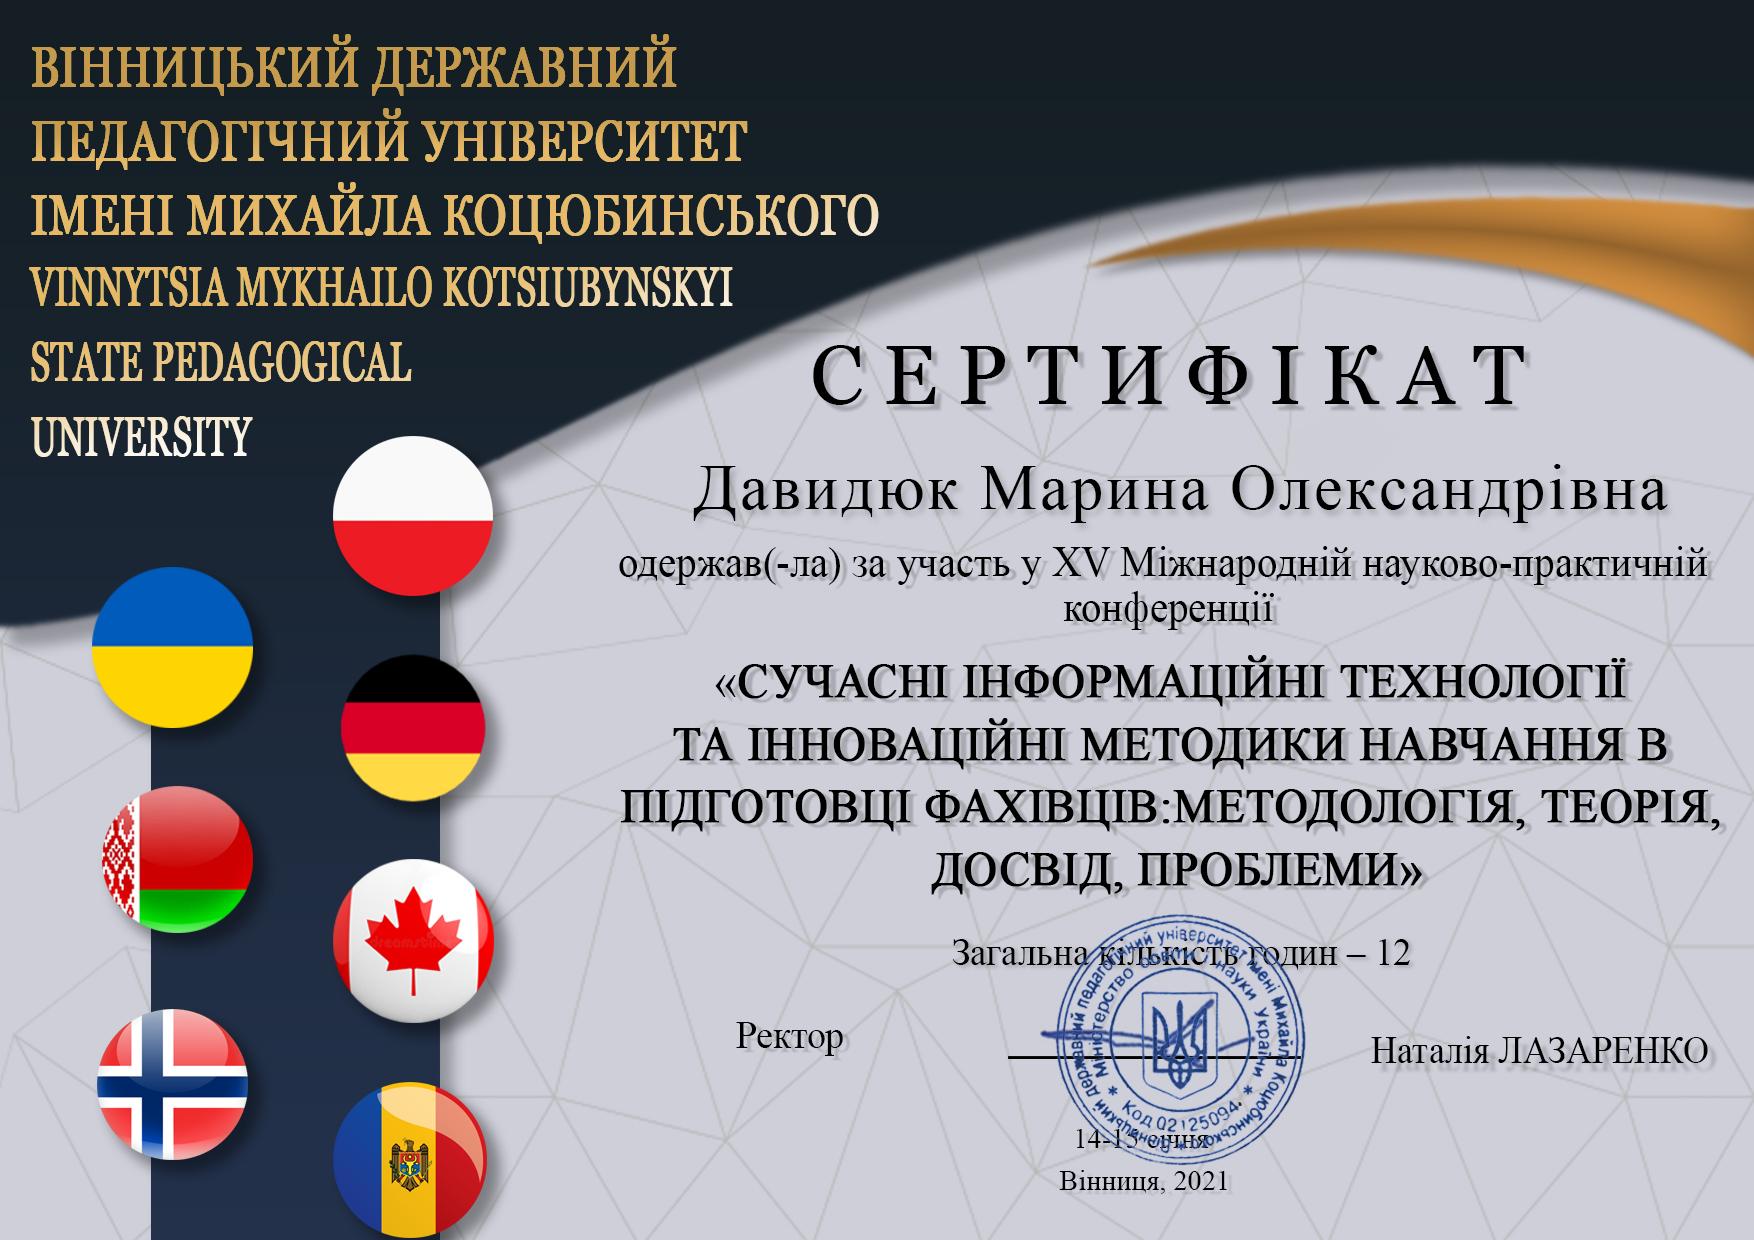 Давидюк Марина Олександрівна